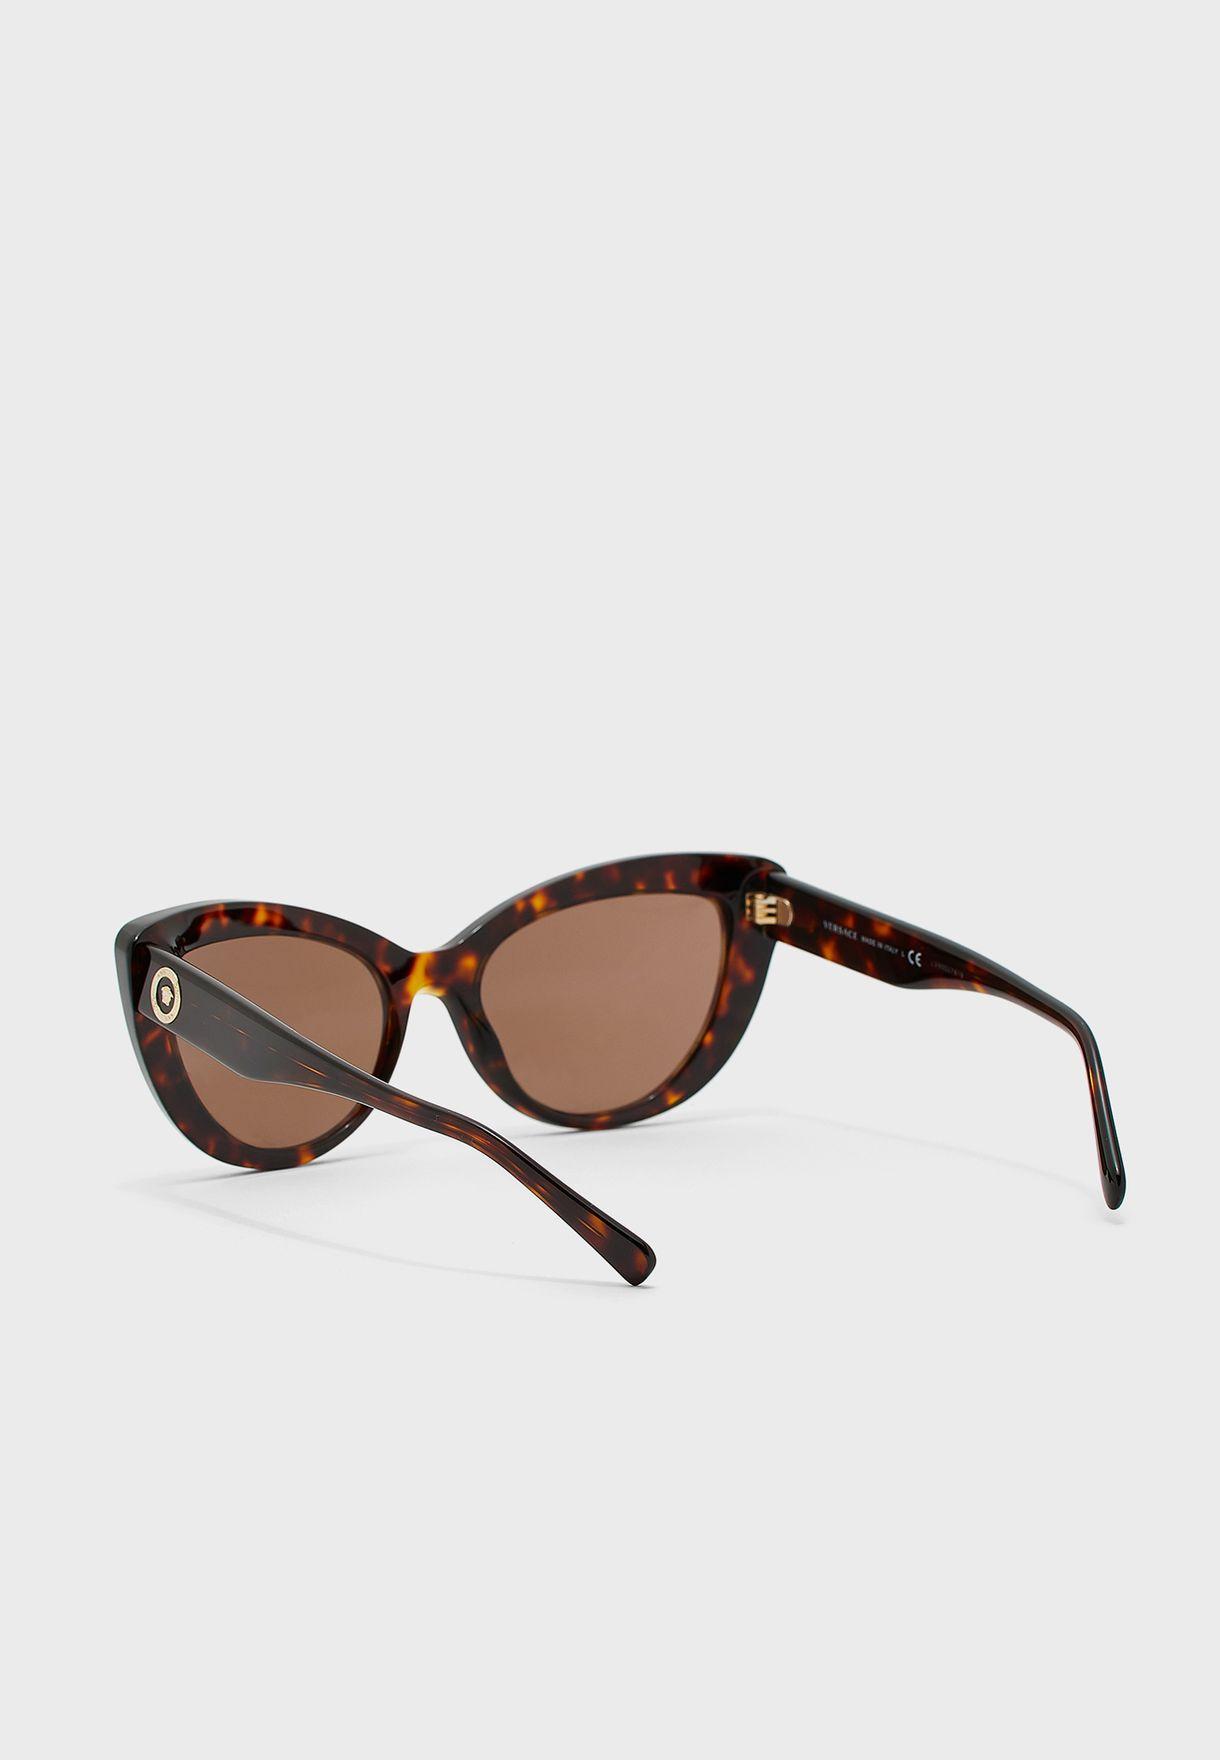 0VE4388 Cat Eye Sunglasses